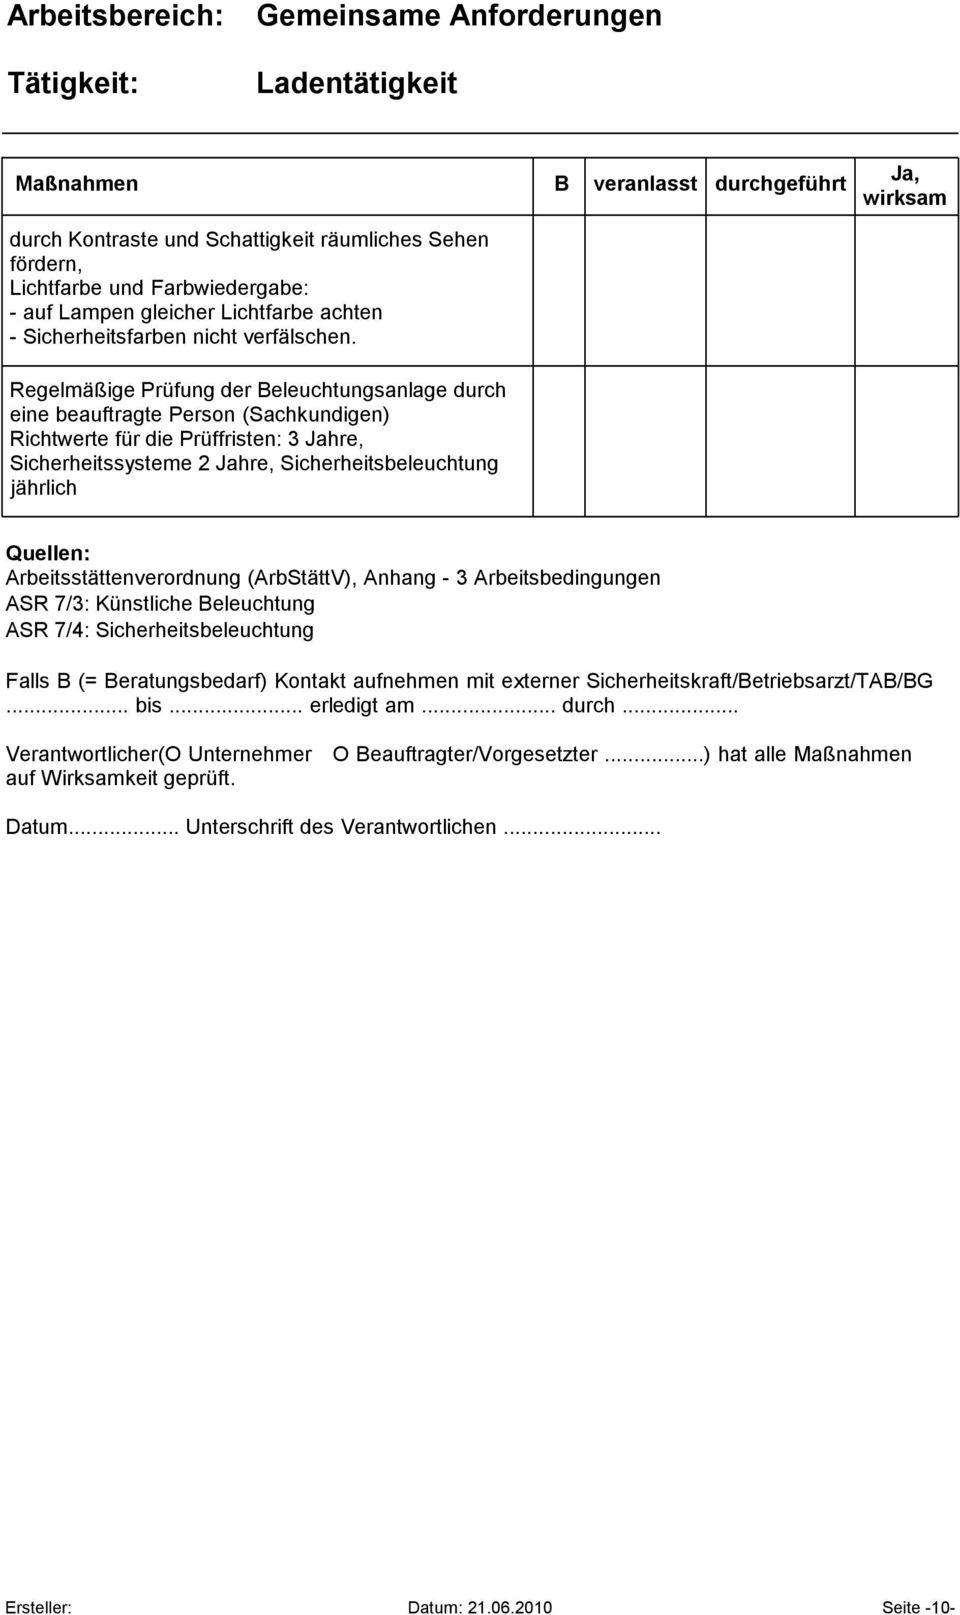 Arbeitsstattenverordnung Temperatur Kuche L08 Mitte